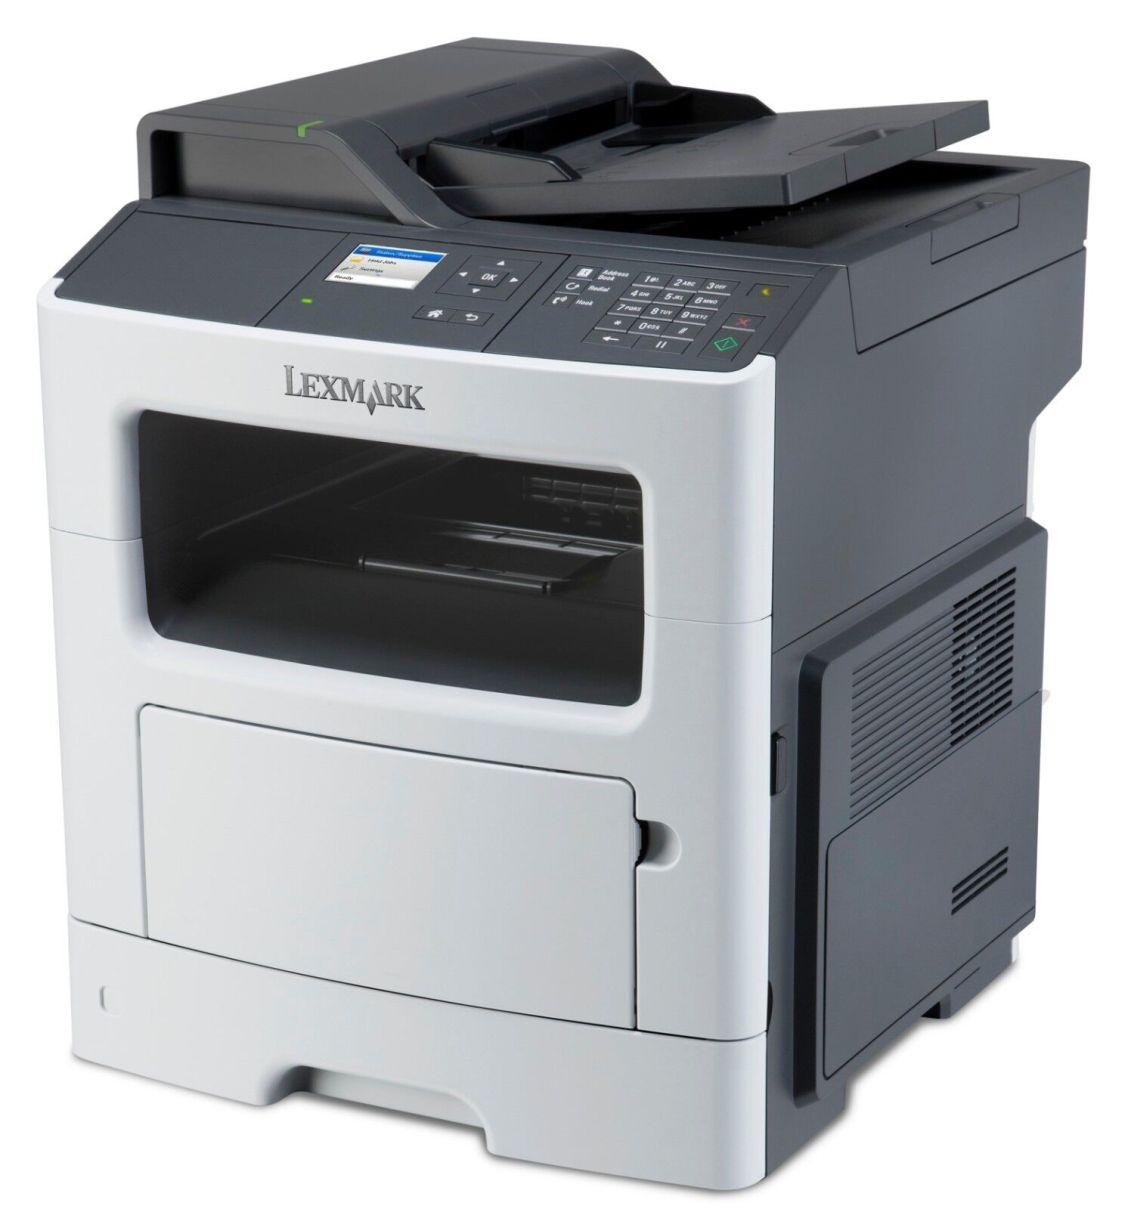 LEXMARK MX317dn Laser-Multifunktionsgerät s/w - A4, 4-in-1, Drucker, Kopierer